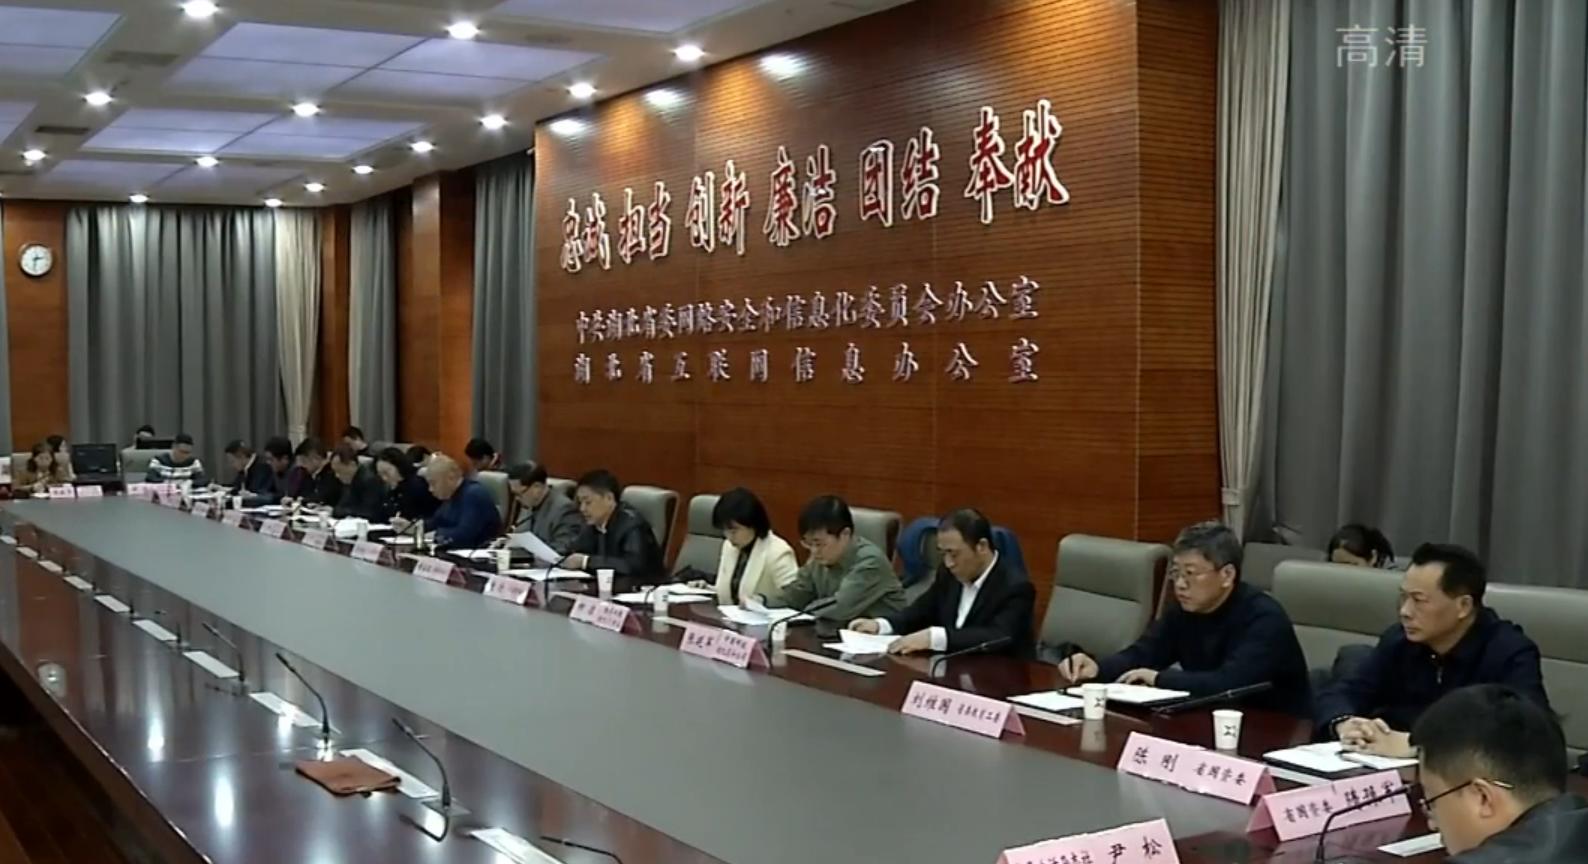 2020年度黨報黨刊發行視頻會議